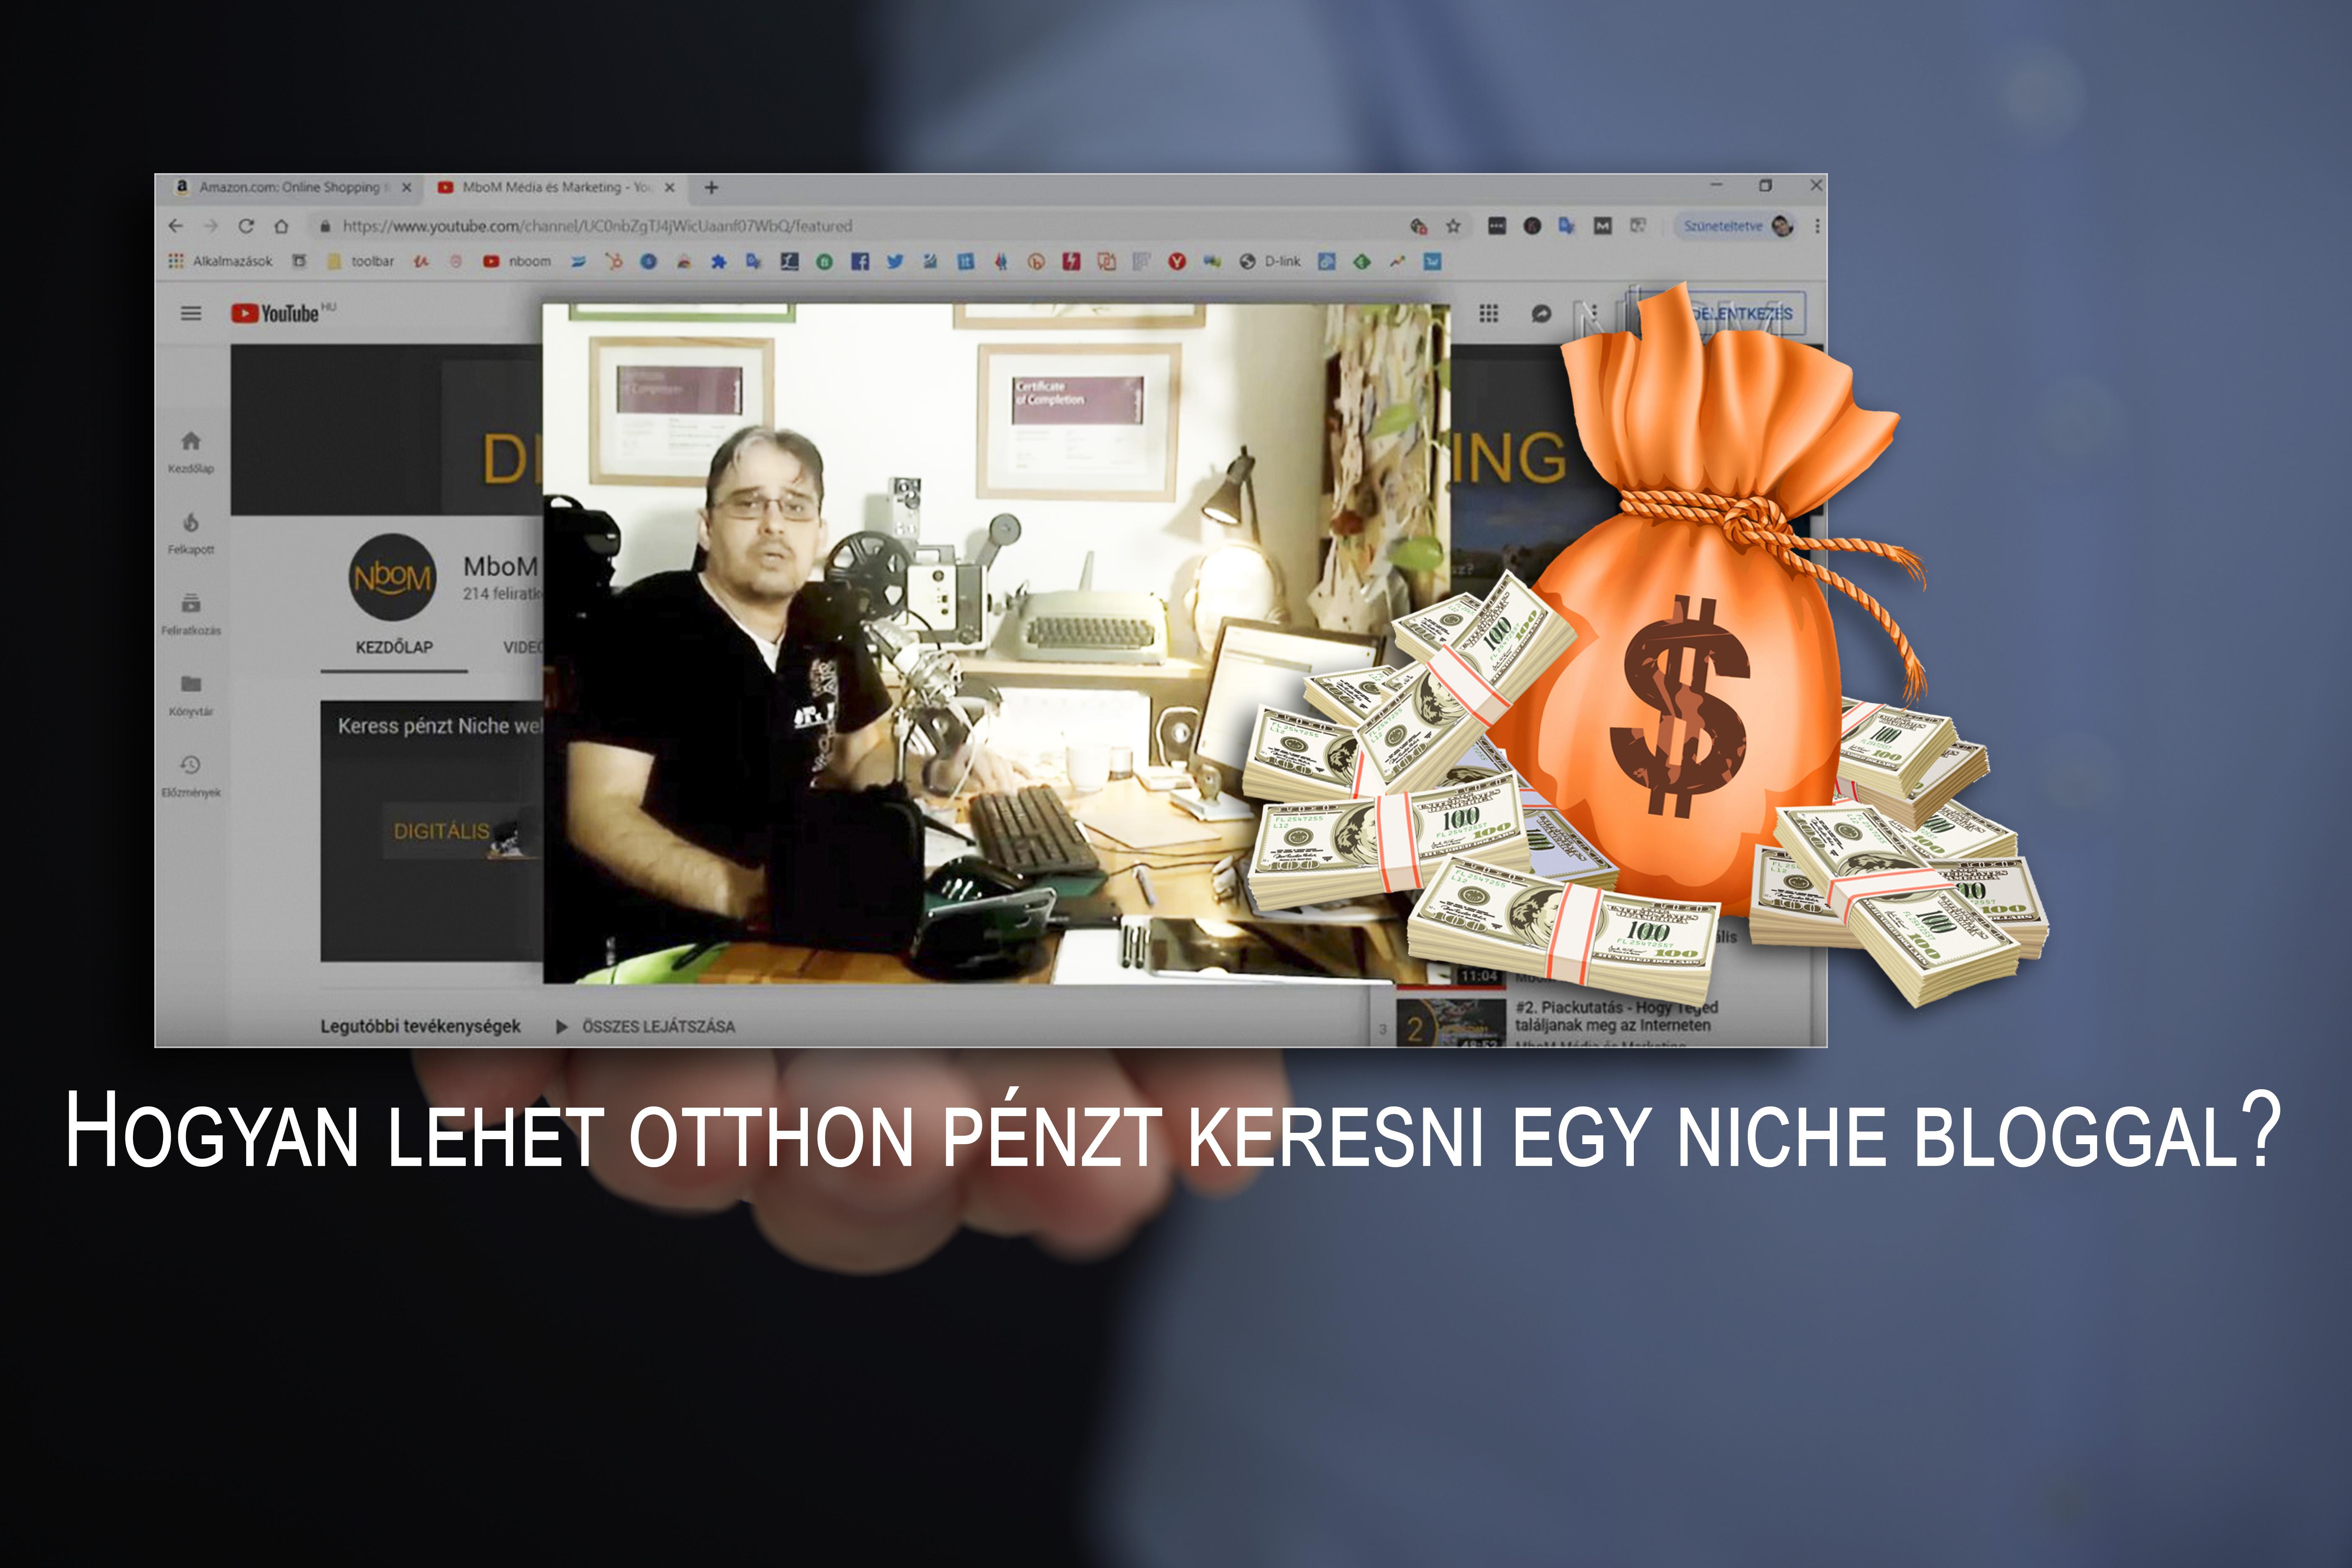 hol lehet pénzt keresni, hogyan lehet pénzt keresni)